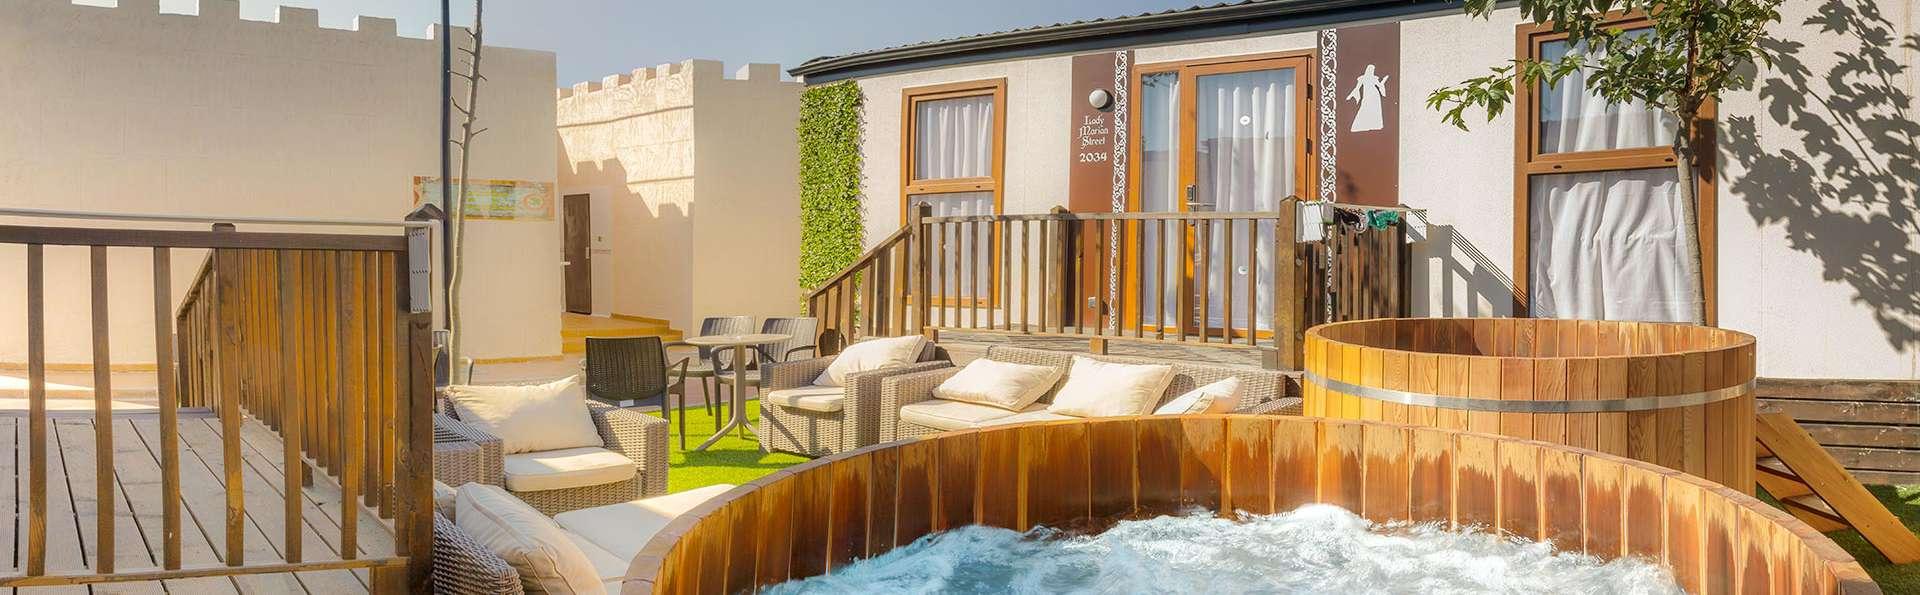 Partez à l'aventure dans un resort thématique à Benidorm, avec petit-déjeuner inclus